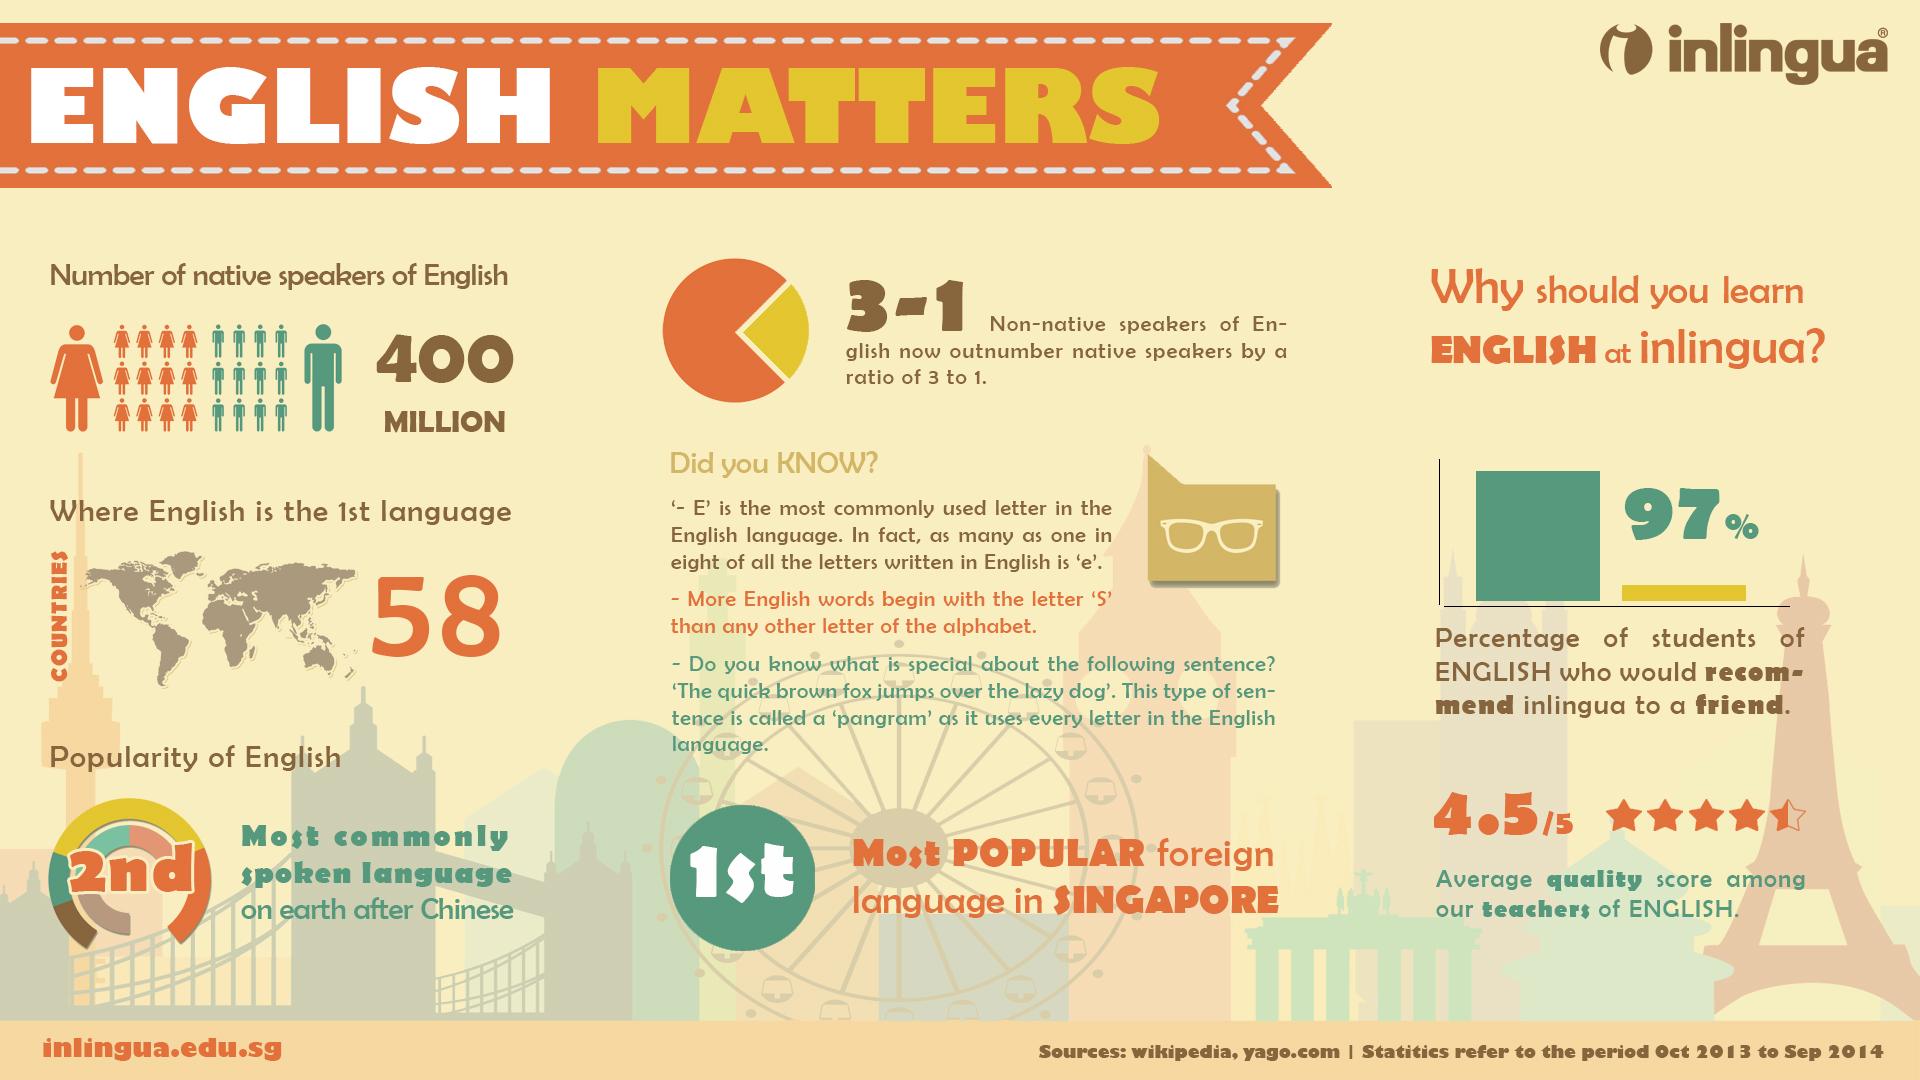 факты об английском языке инфографика